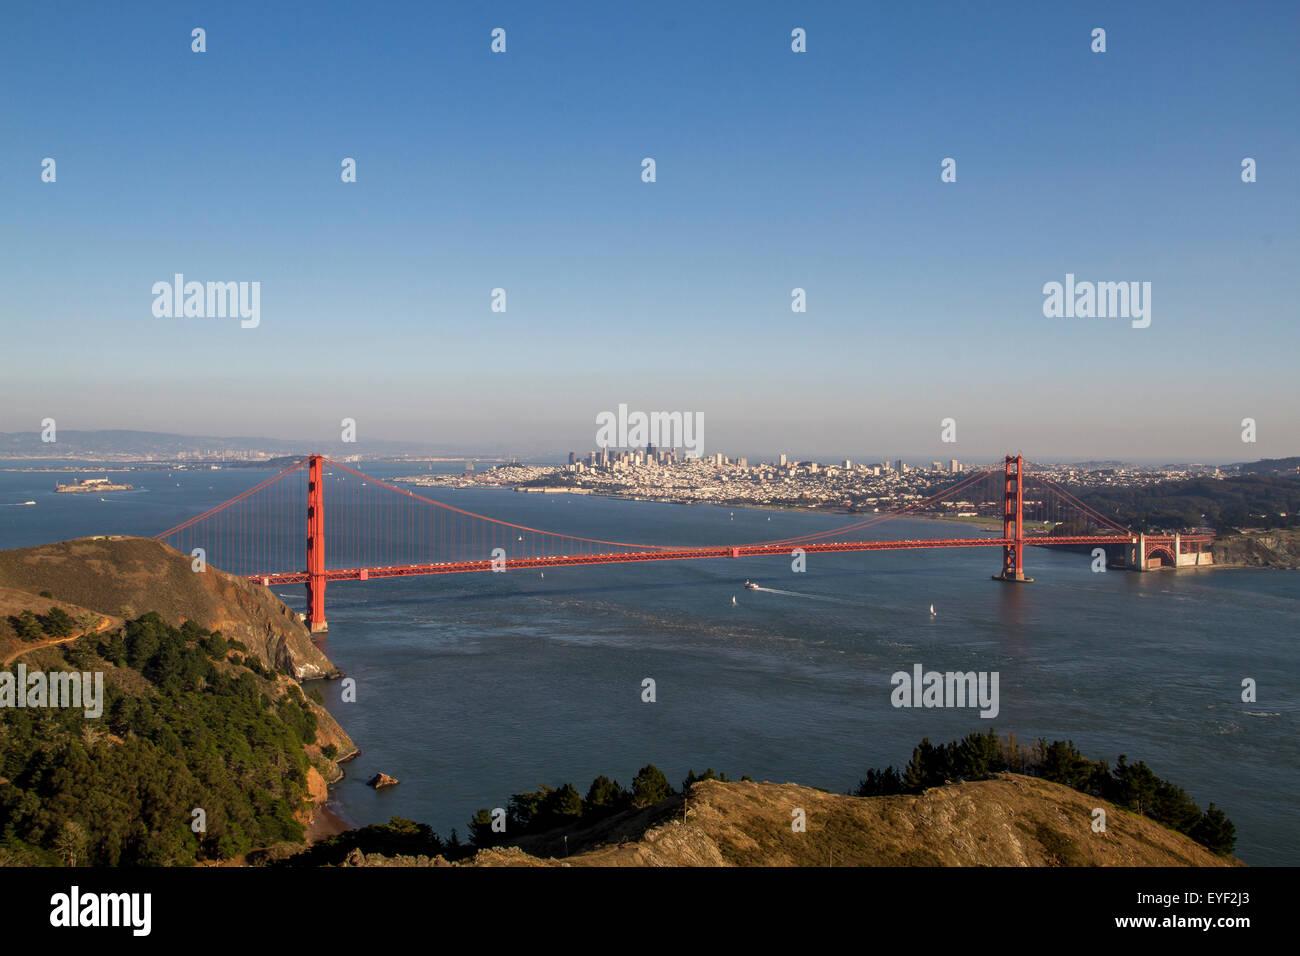 Le pont suspendu du Golden Gate depuis les Marin Headlands, San Francisco, Californie, États-Unis Banque D'Images